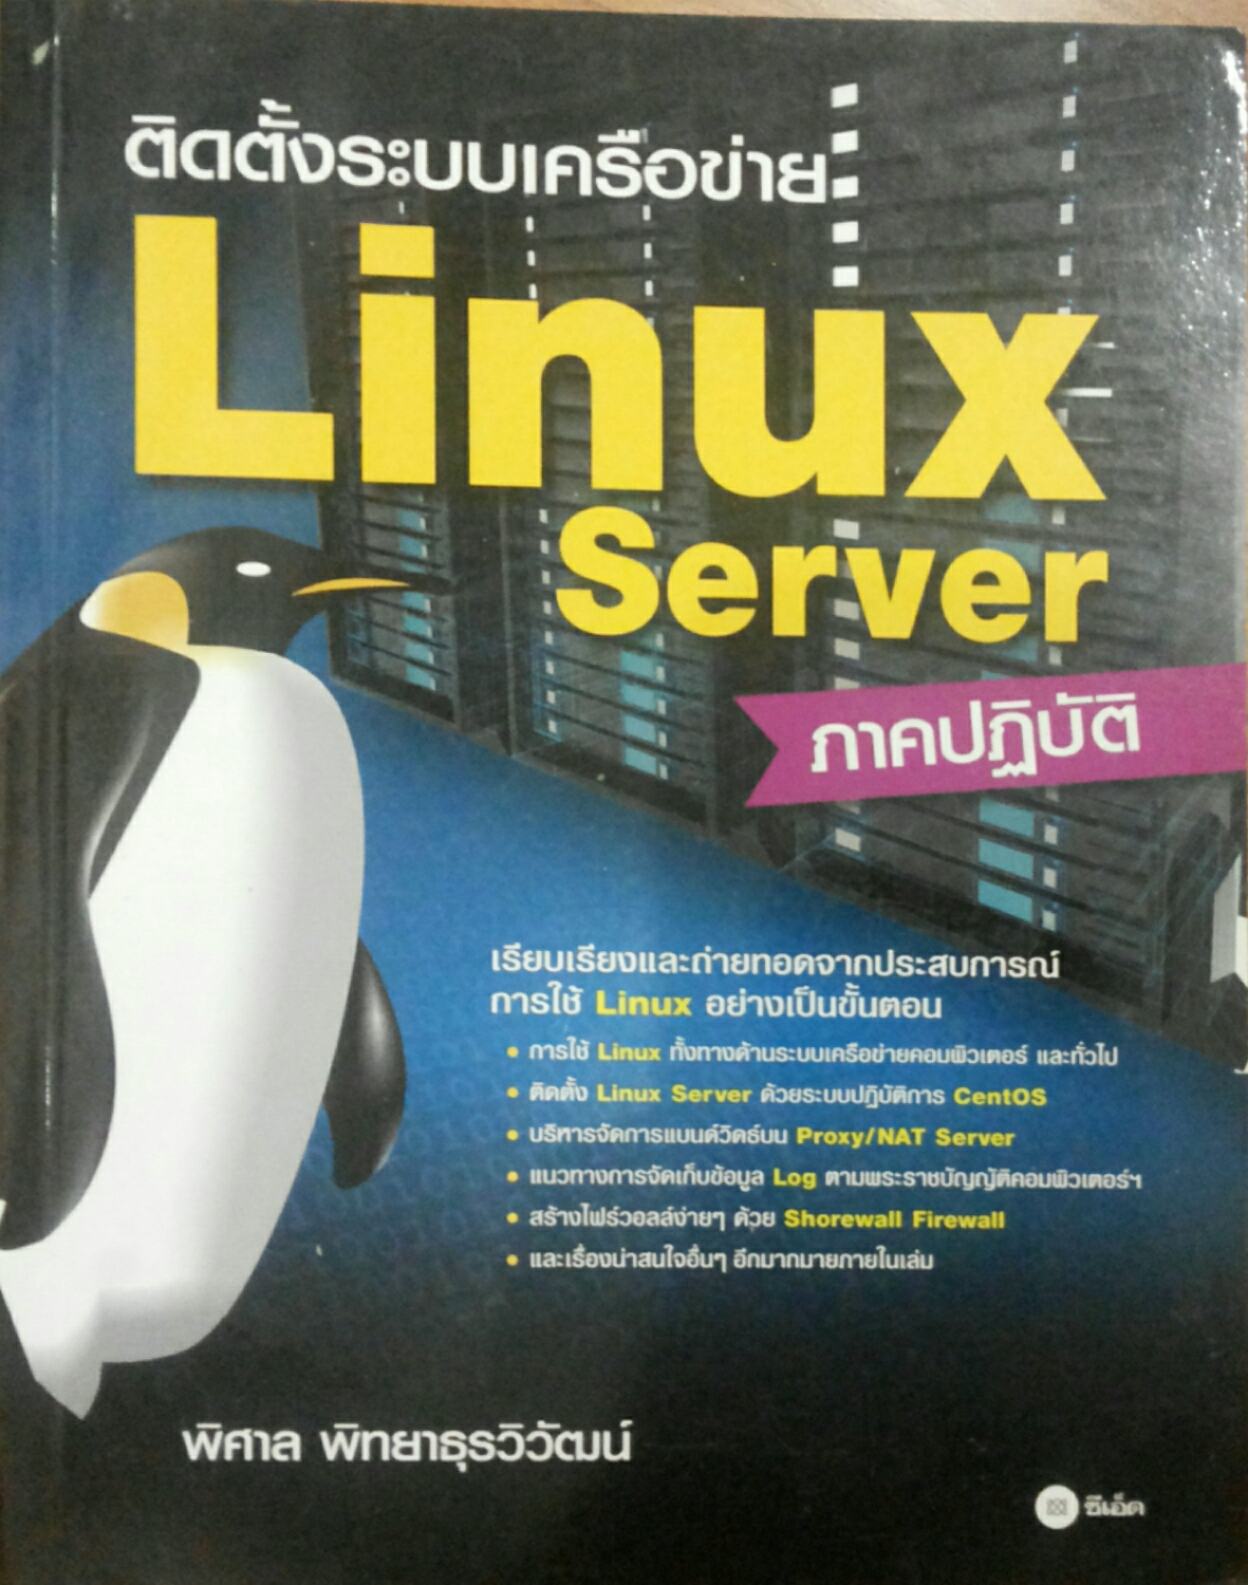 ติดตั้งระบบเครือข่าย Linux Server ภาคปฏิบัติ